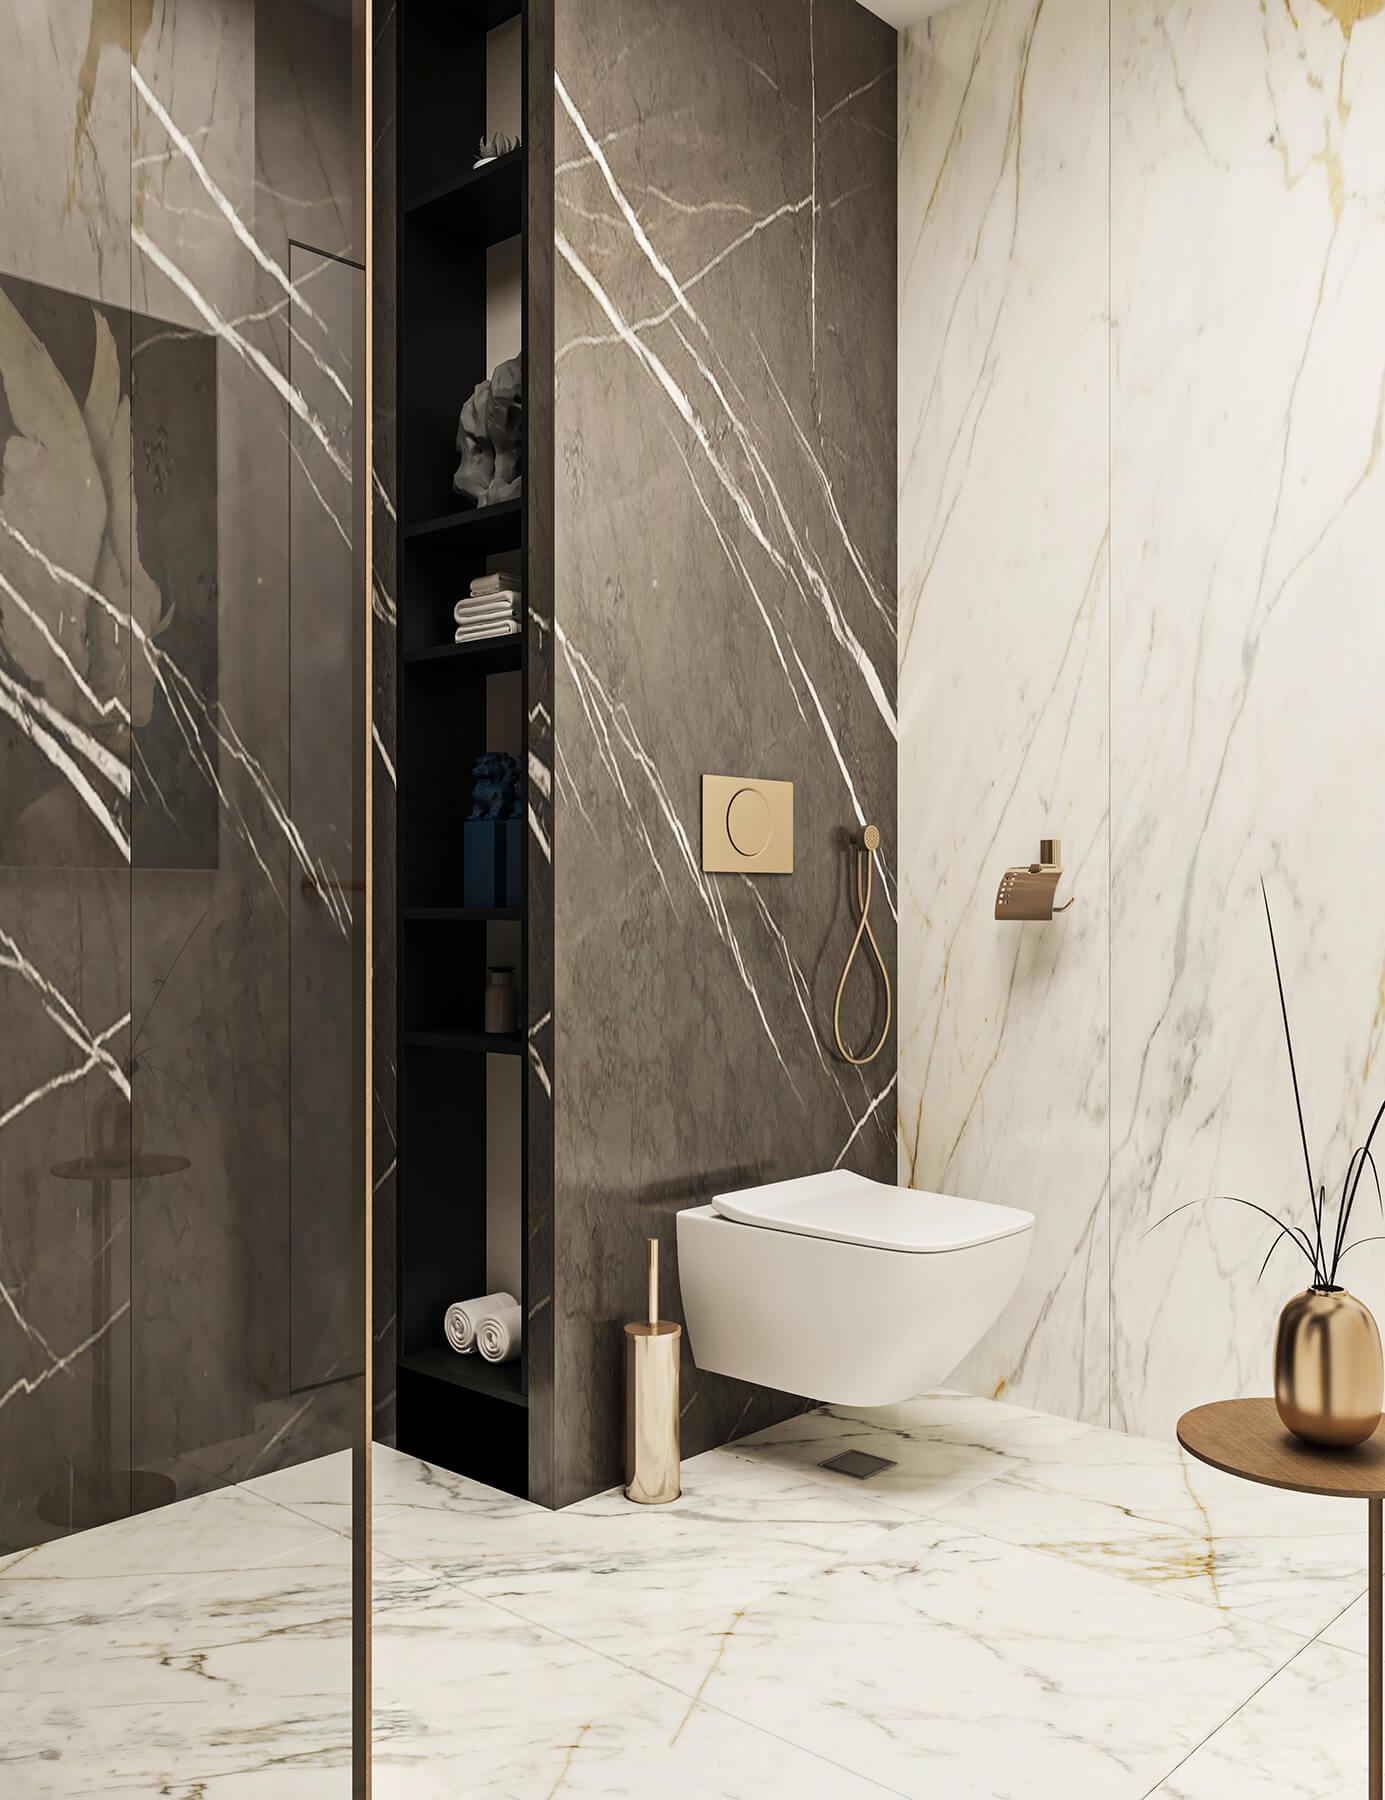 interioren dizain proekt na banya proekt orbis